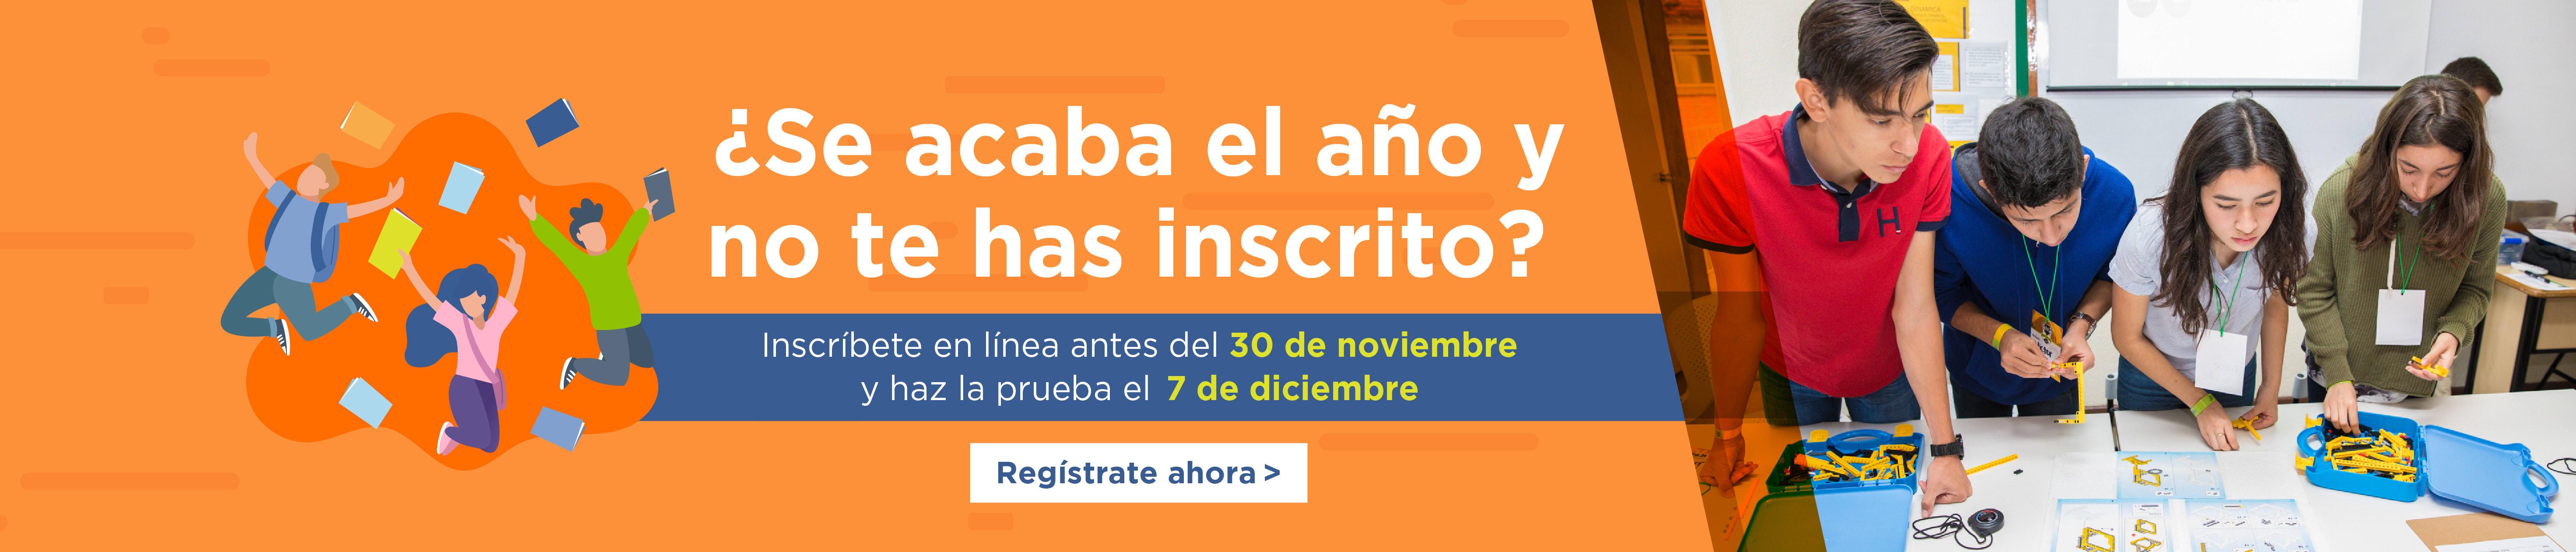 Admisiones 2020 - universidad del Valle de Guatemala